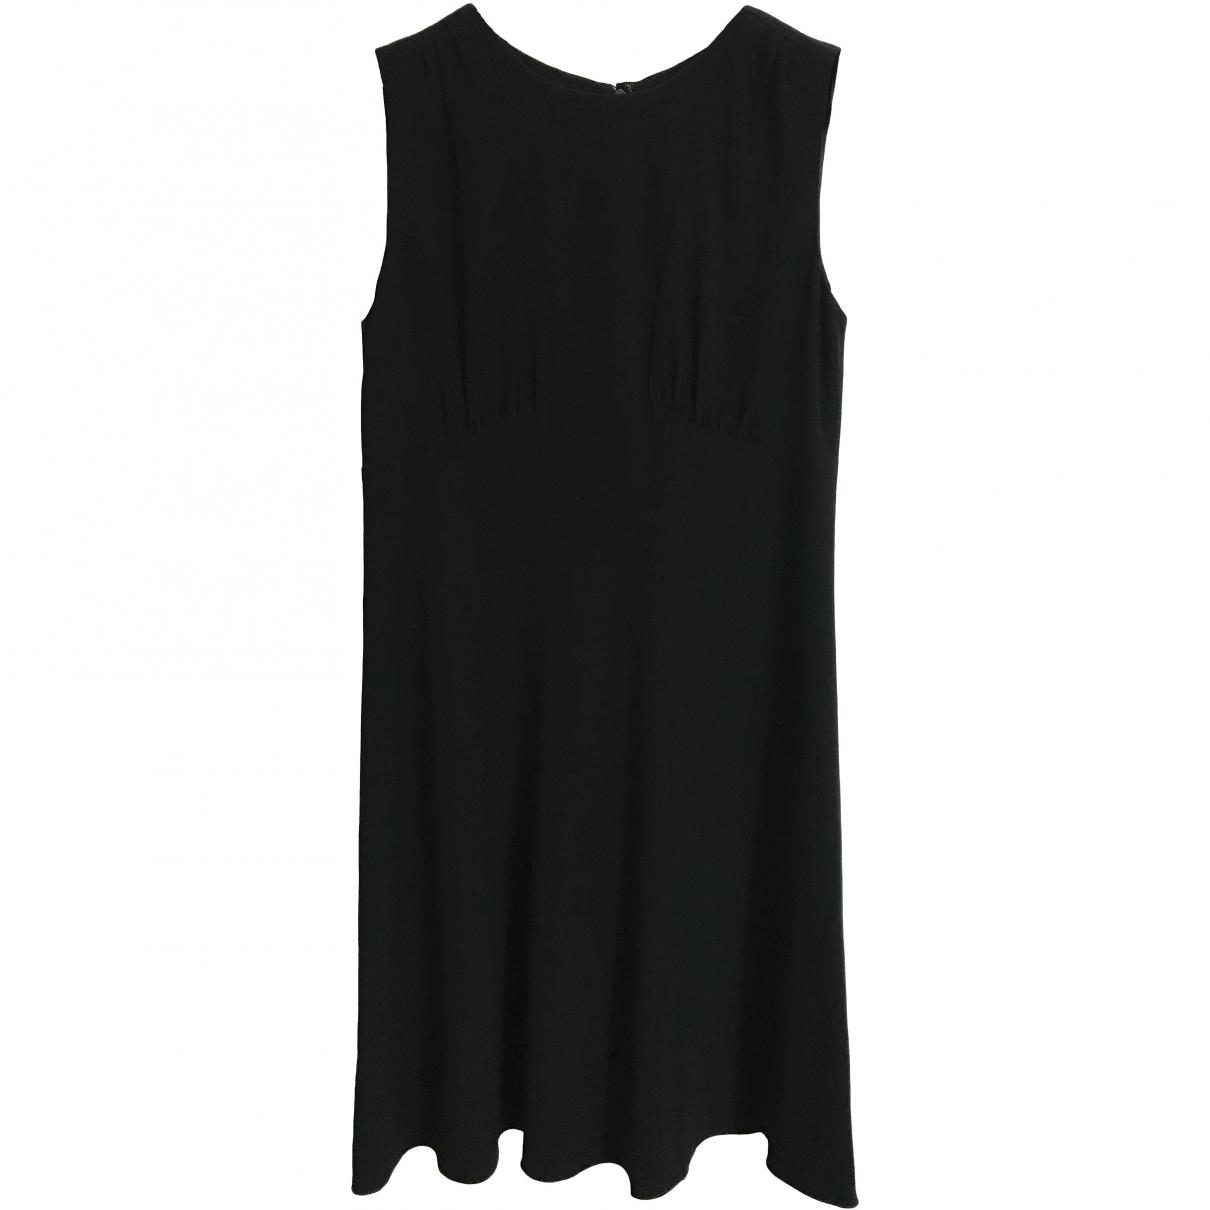 Dolce & Gabbana \N Black dress for Women 44 IT